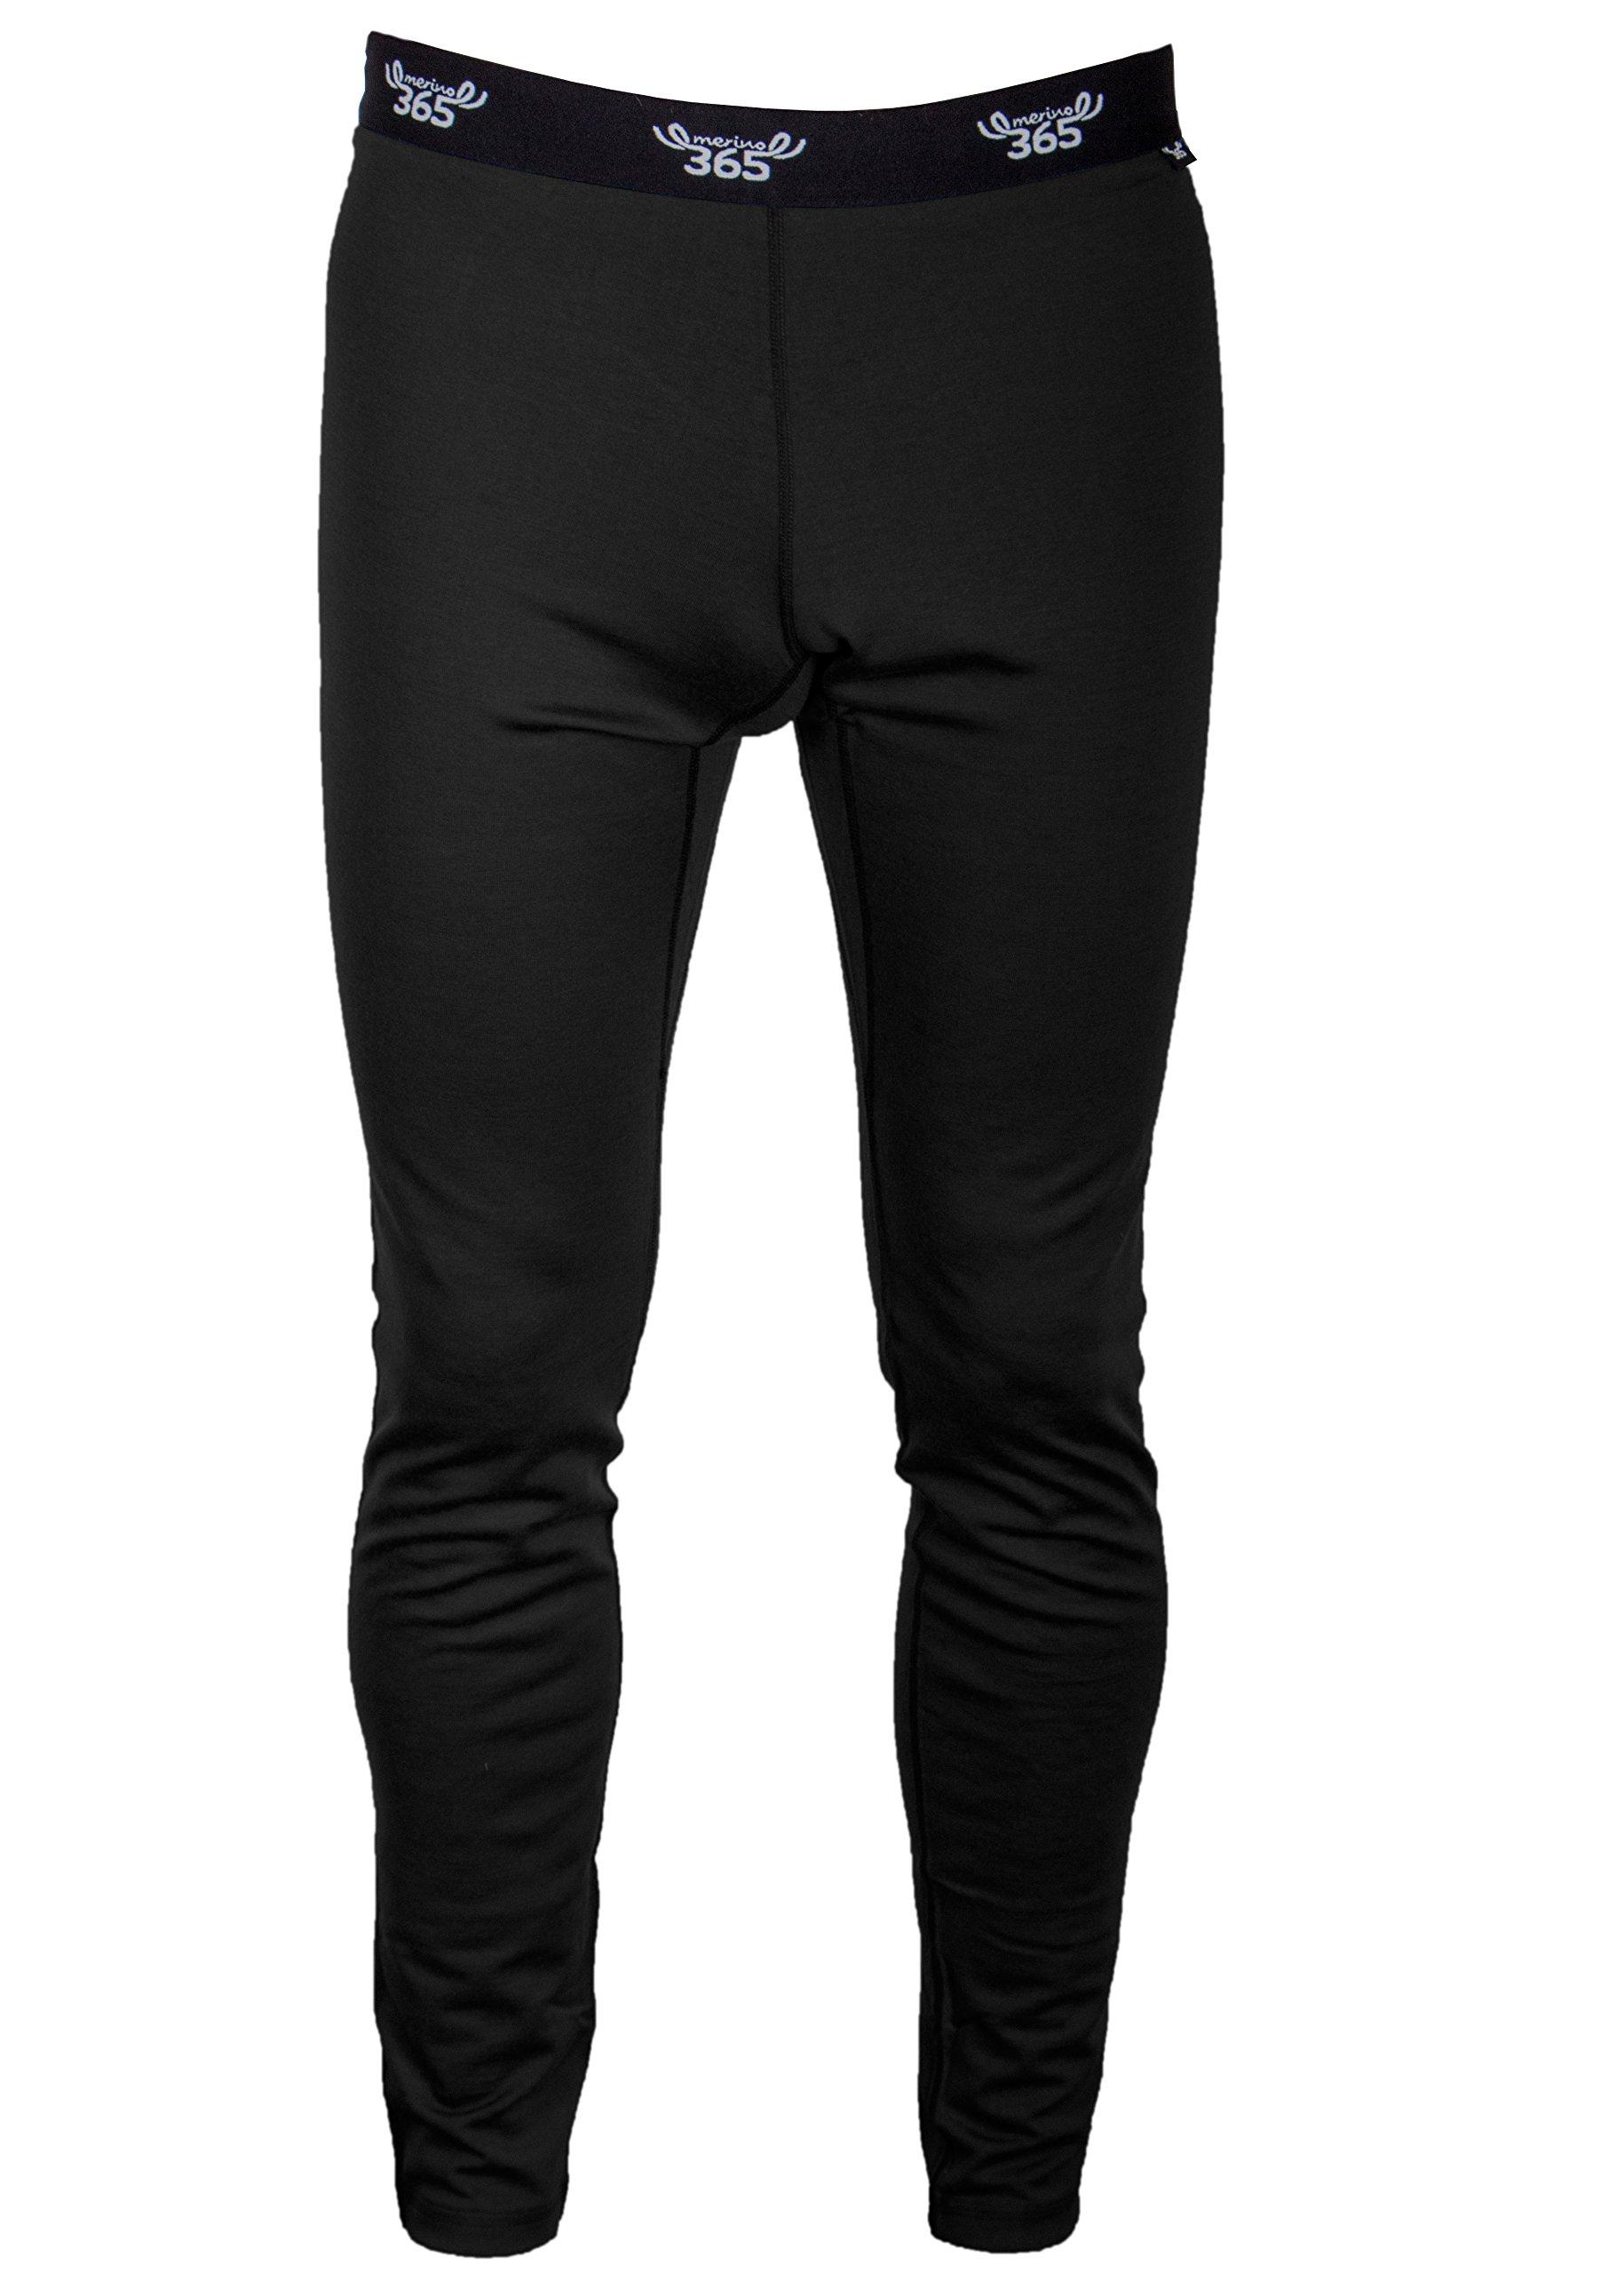 Merino 365 Men's Slim Pant, Medium, Black